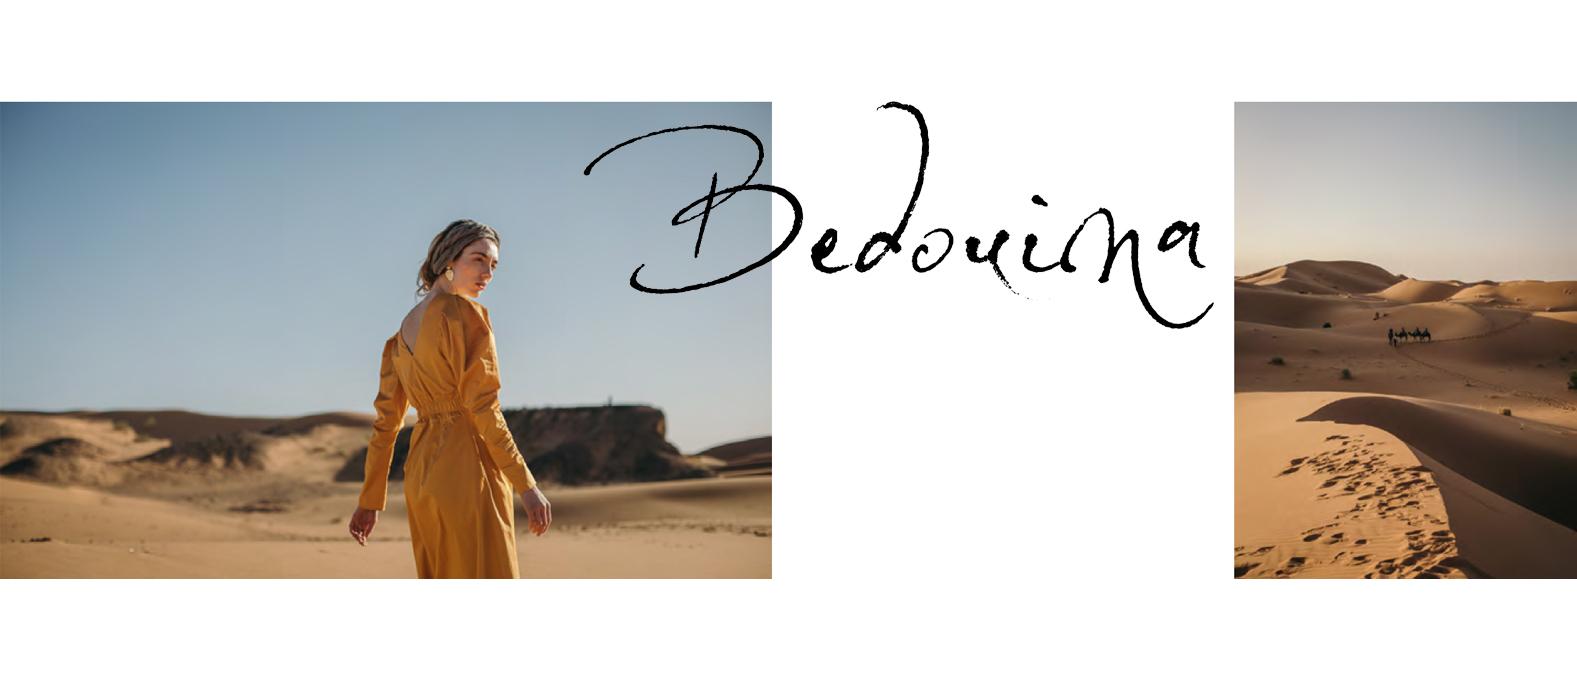 Bedouina. Oder die moderne weibliche Utopie.